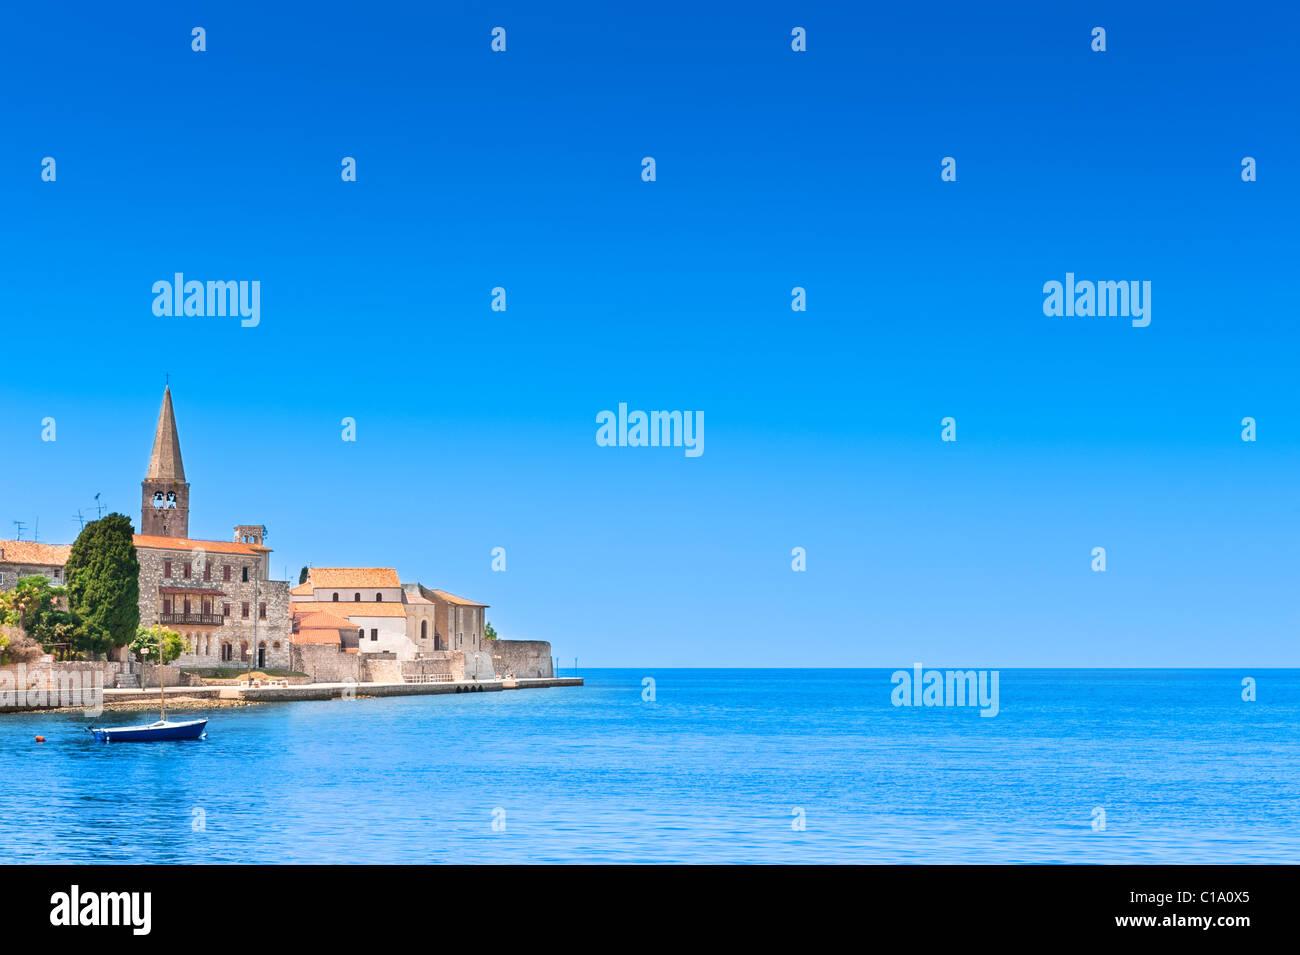 Porec città vecchia in Croazia, costa adriatica, Istria regione, popolare meta turistica. Copyspace sul cielo Immagini Stock